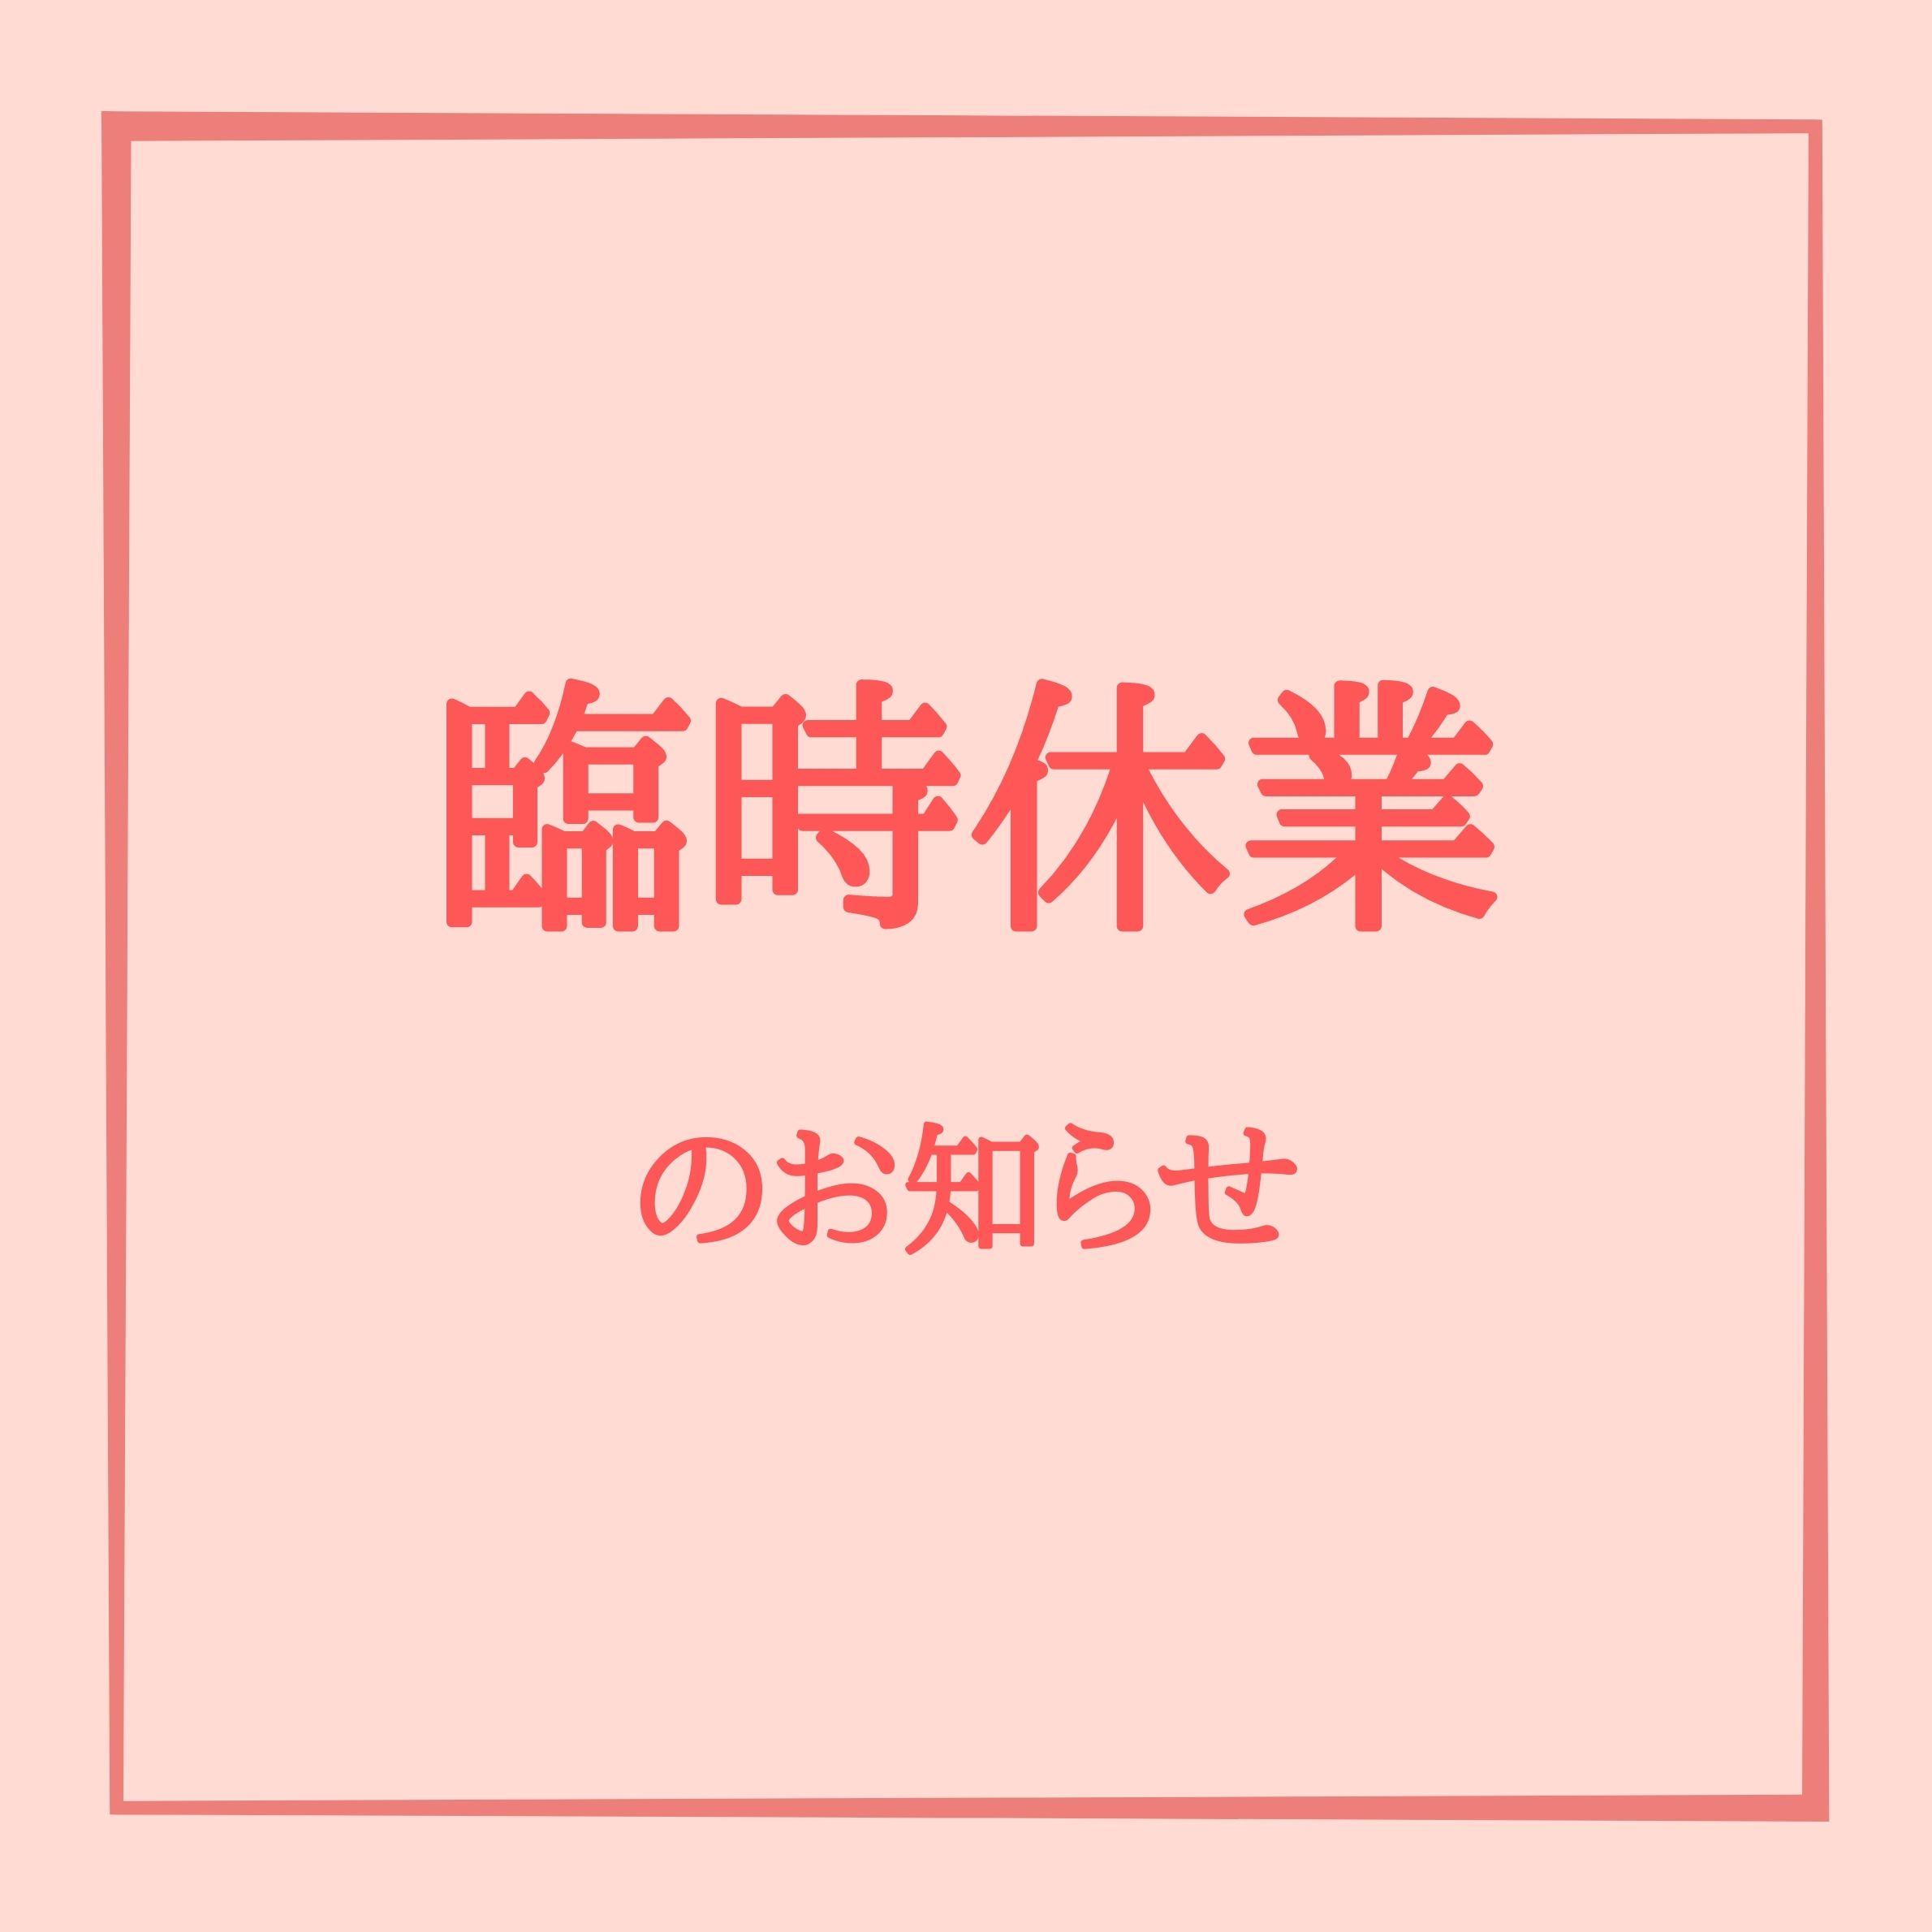 【8月 3日(火), 4日(水)臨時休業】のお知らせ